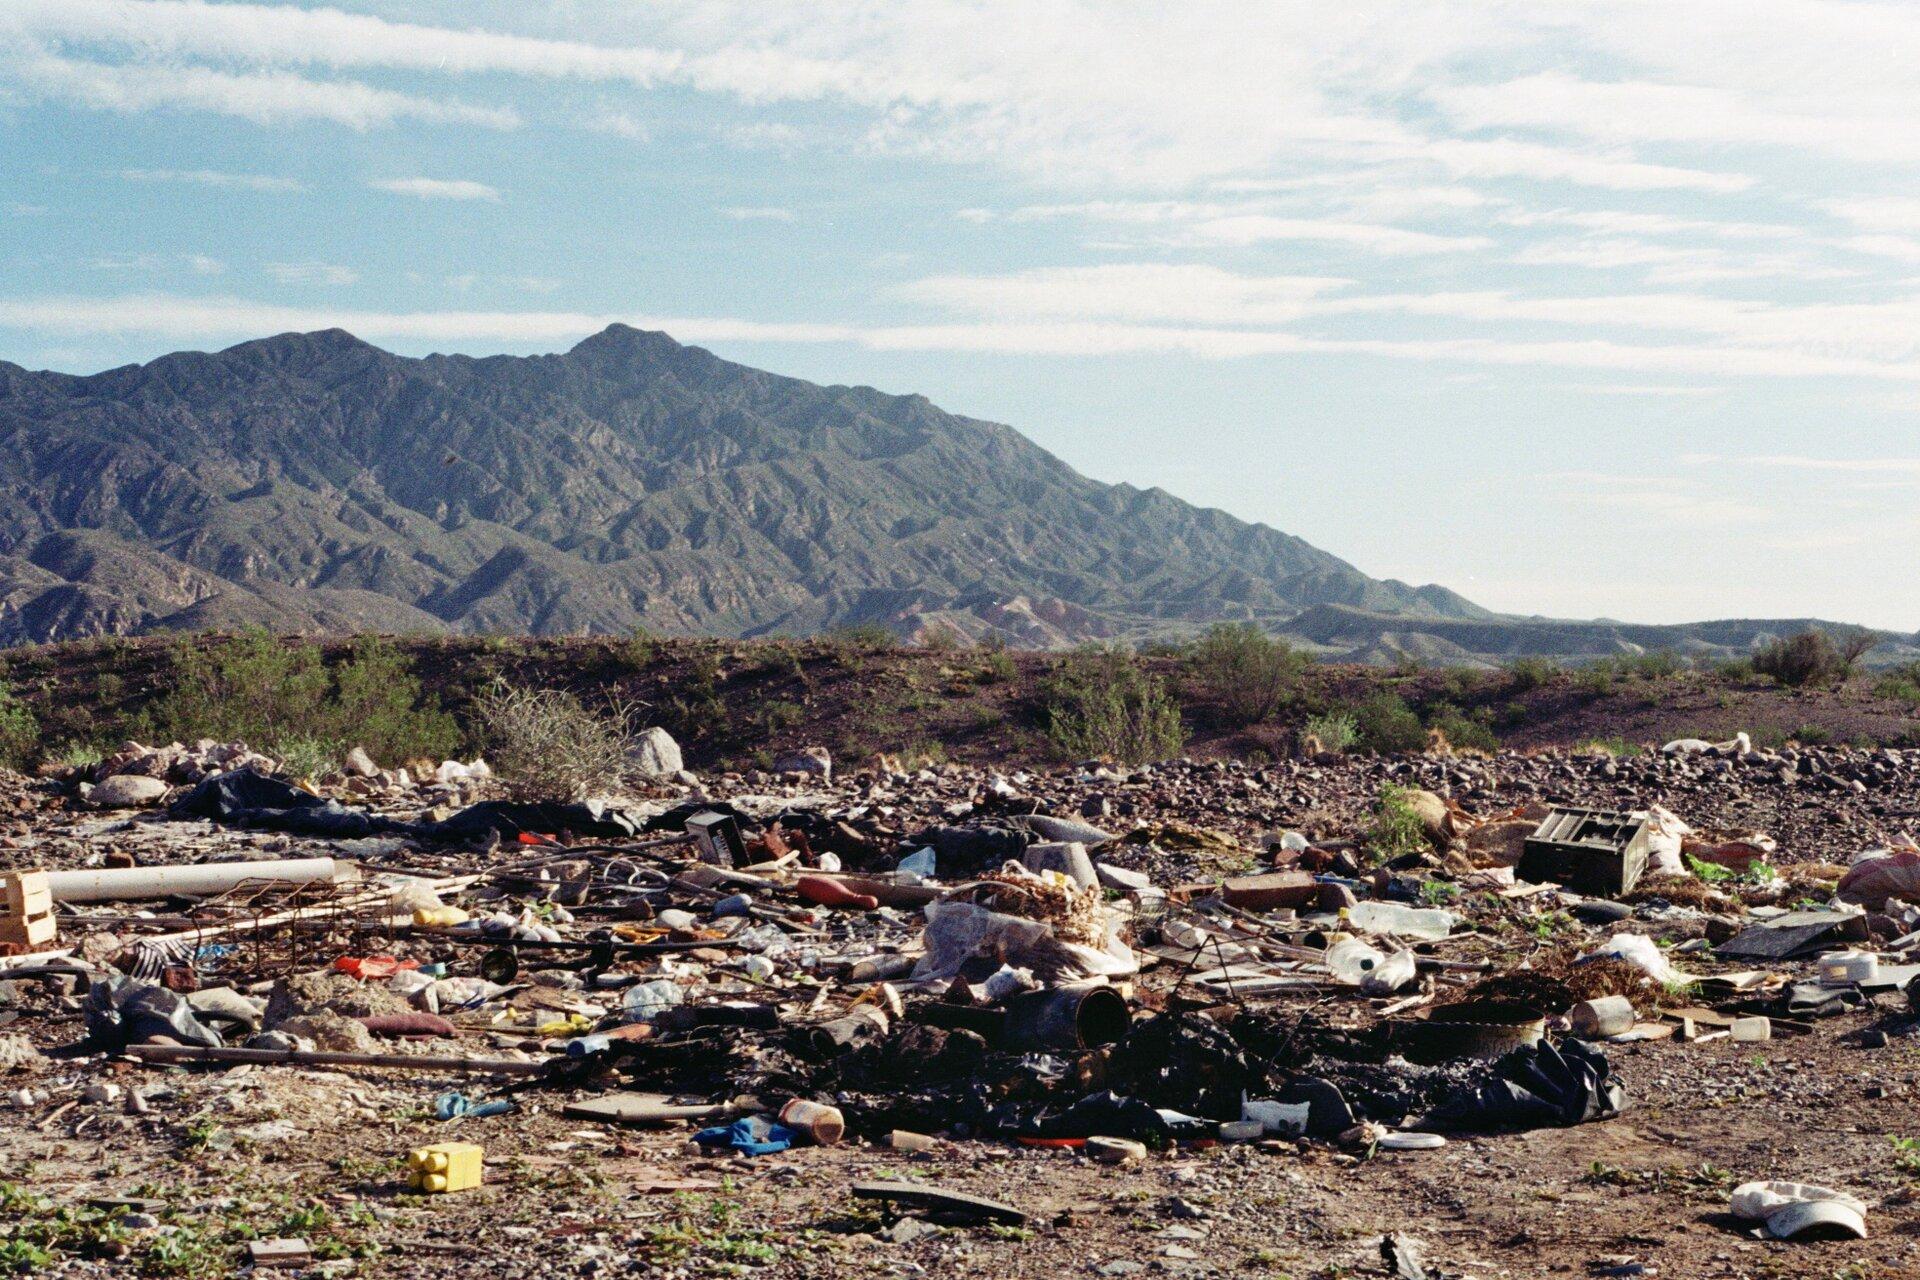 Fotografia przedstawia krajobraz zgórami wtle. Na pierwszymplanie mnóstwo leżących na ziemi śmieci. Są to odpady domowe, mebelki, zabawki, plastikowe części, nadpalone przedmioty. Widok robi przygnębiające wrażenie. Dlaczego wokół nas jest tyle śmieci?